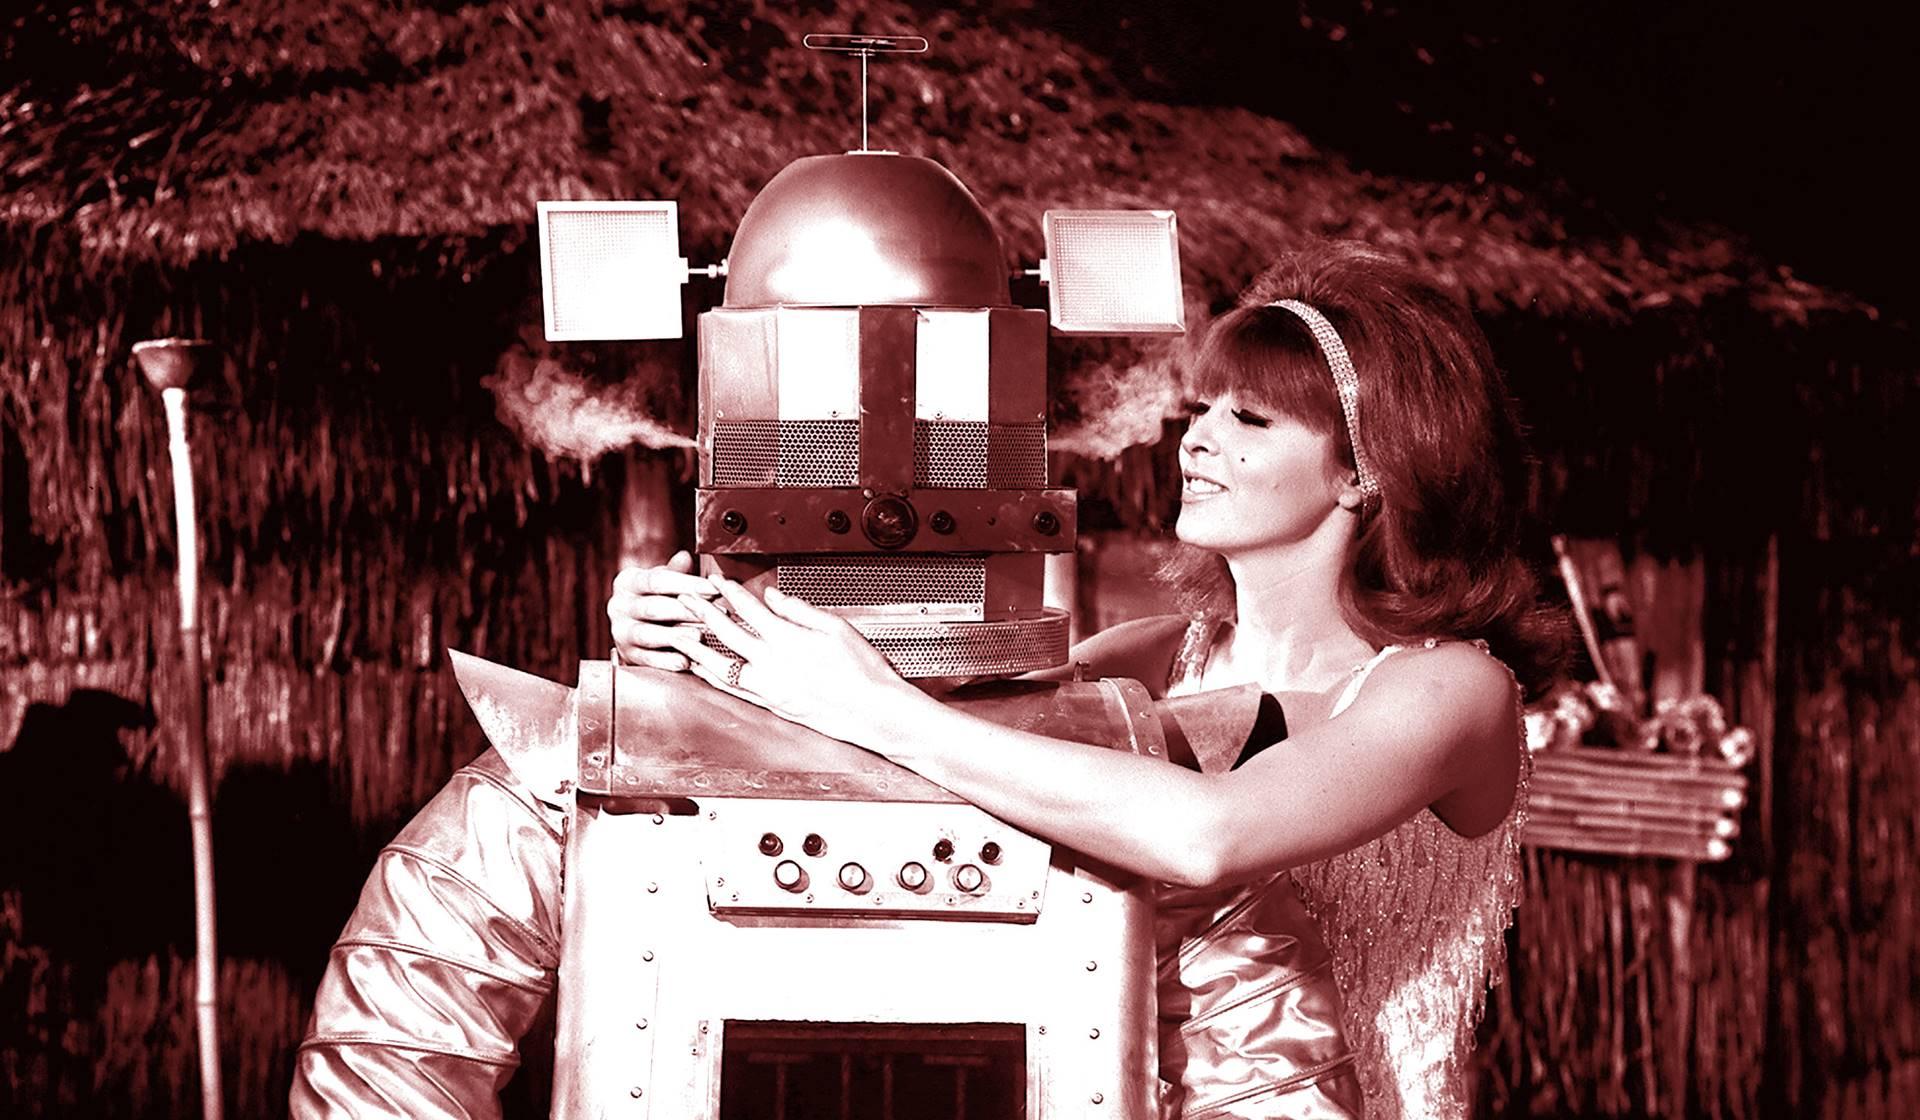 robots suplantando perfiles en apps de citas